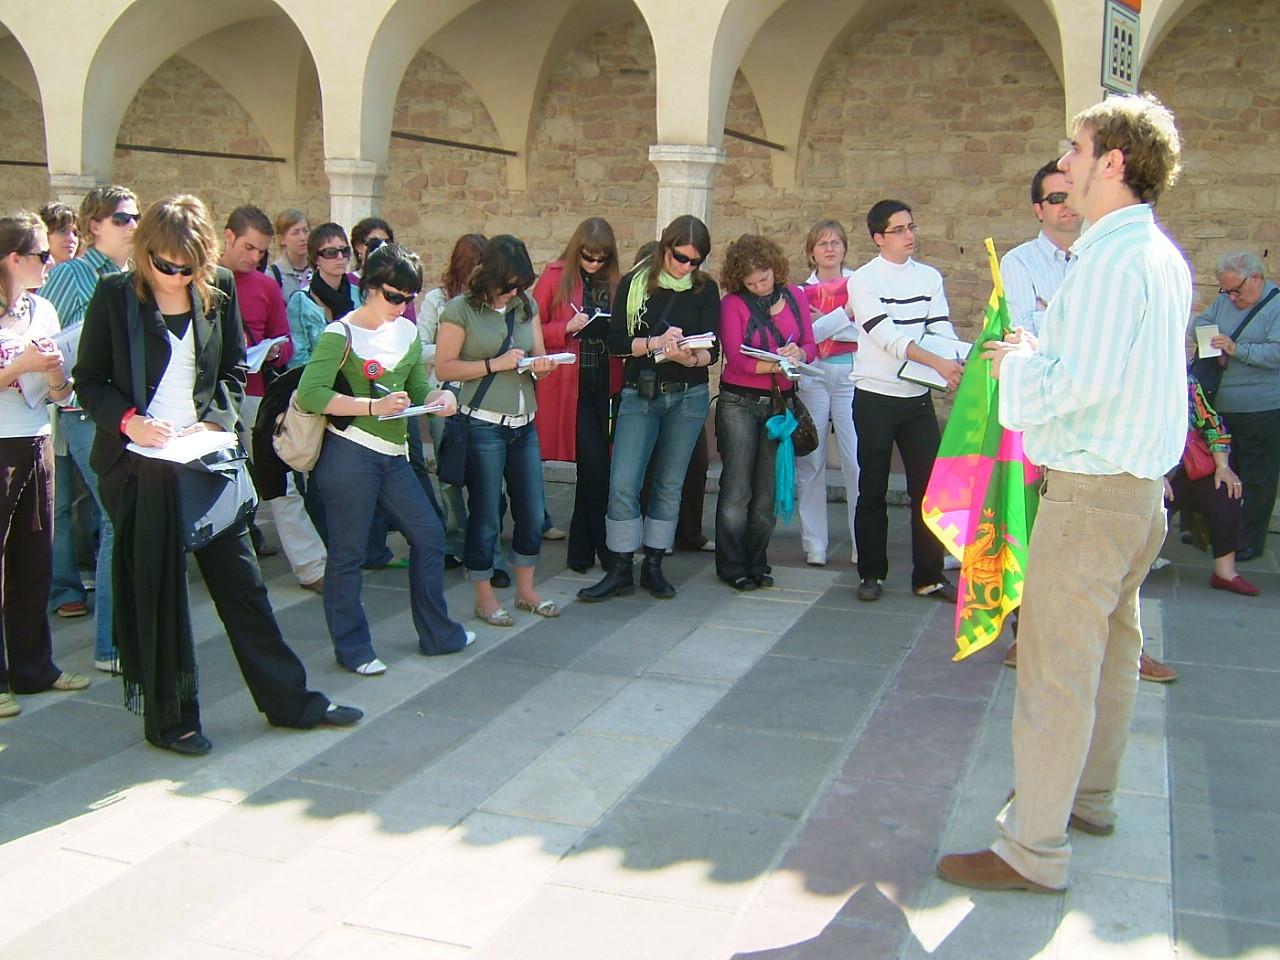 2005. Assisi